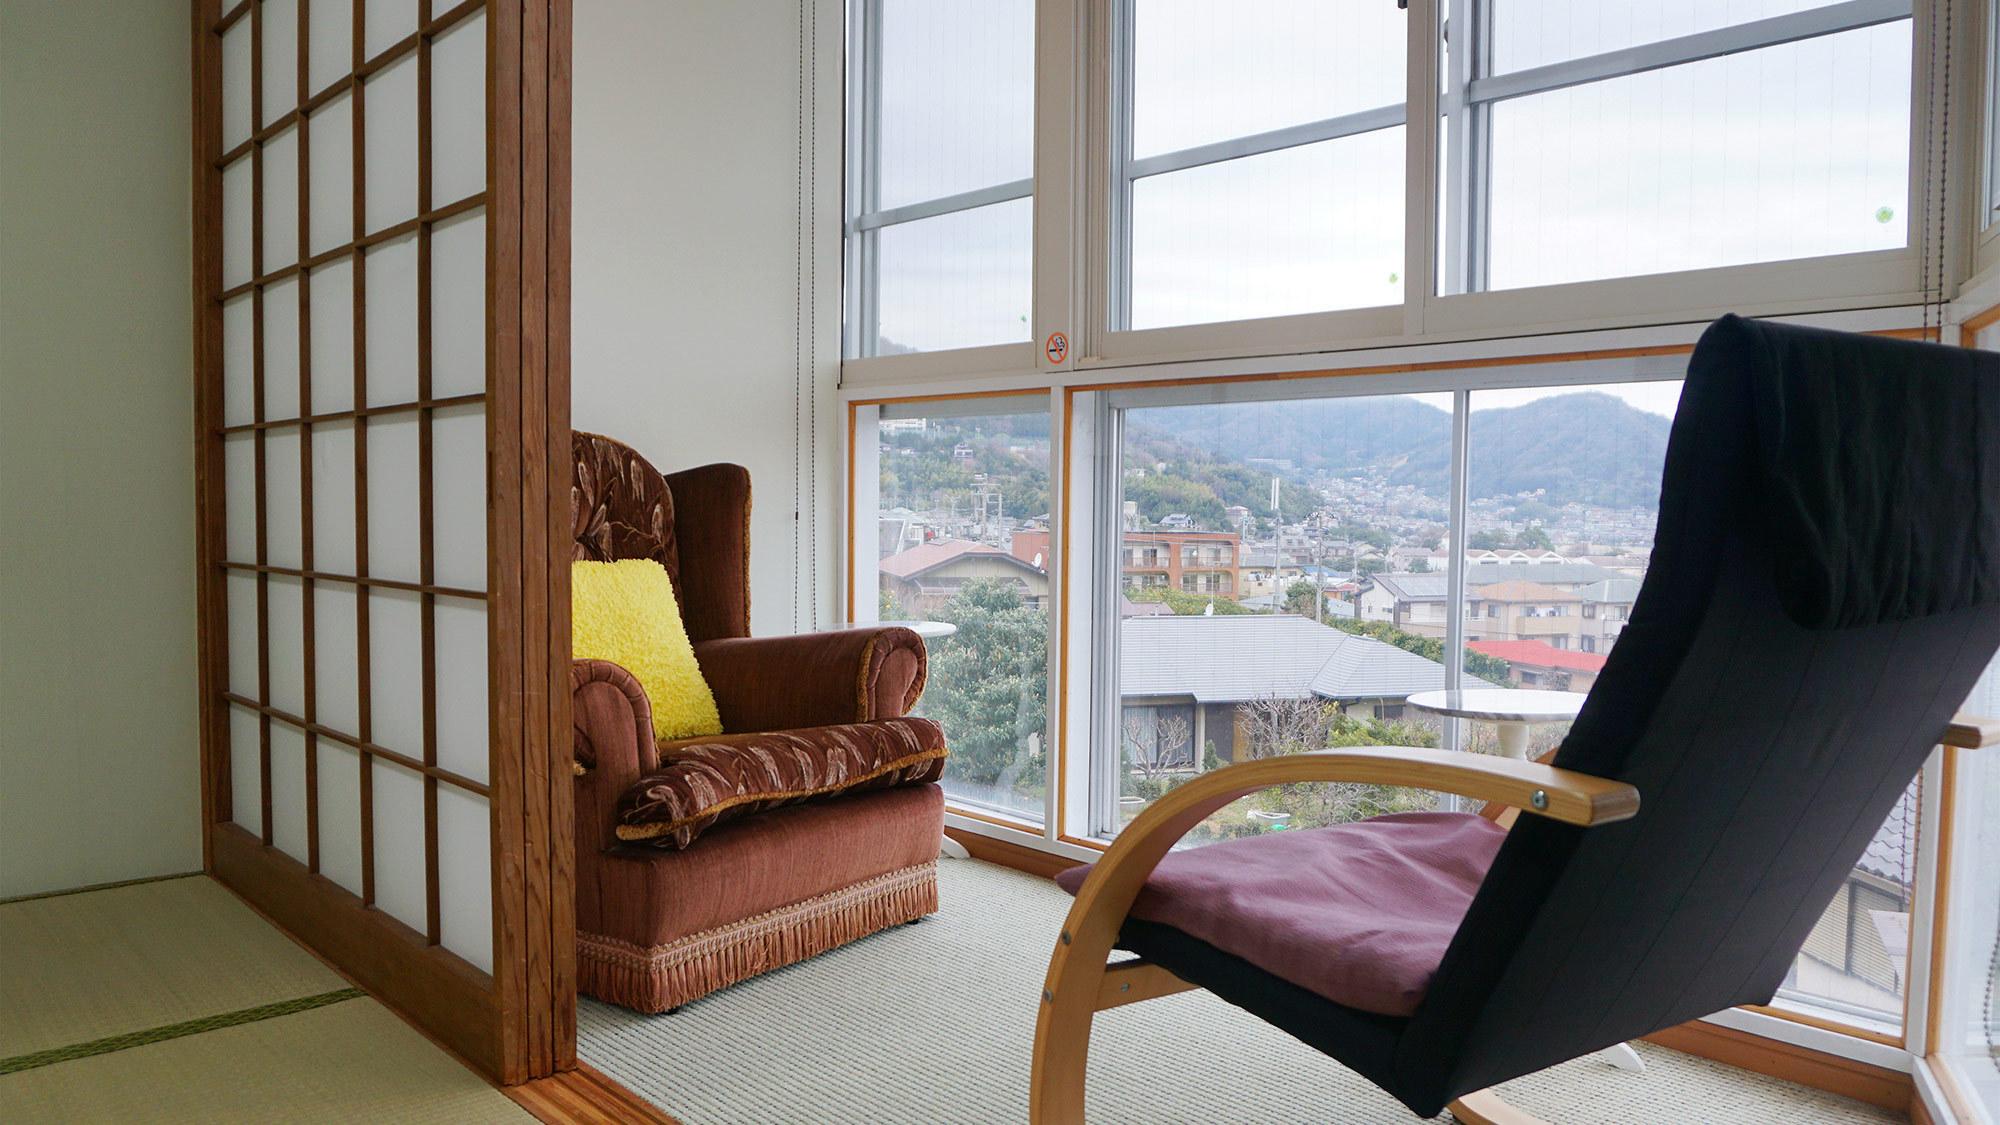 ・広縁にある一面のガラス窓からは、町の景色を見下ろすことができます